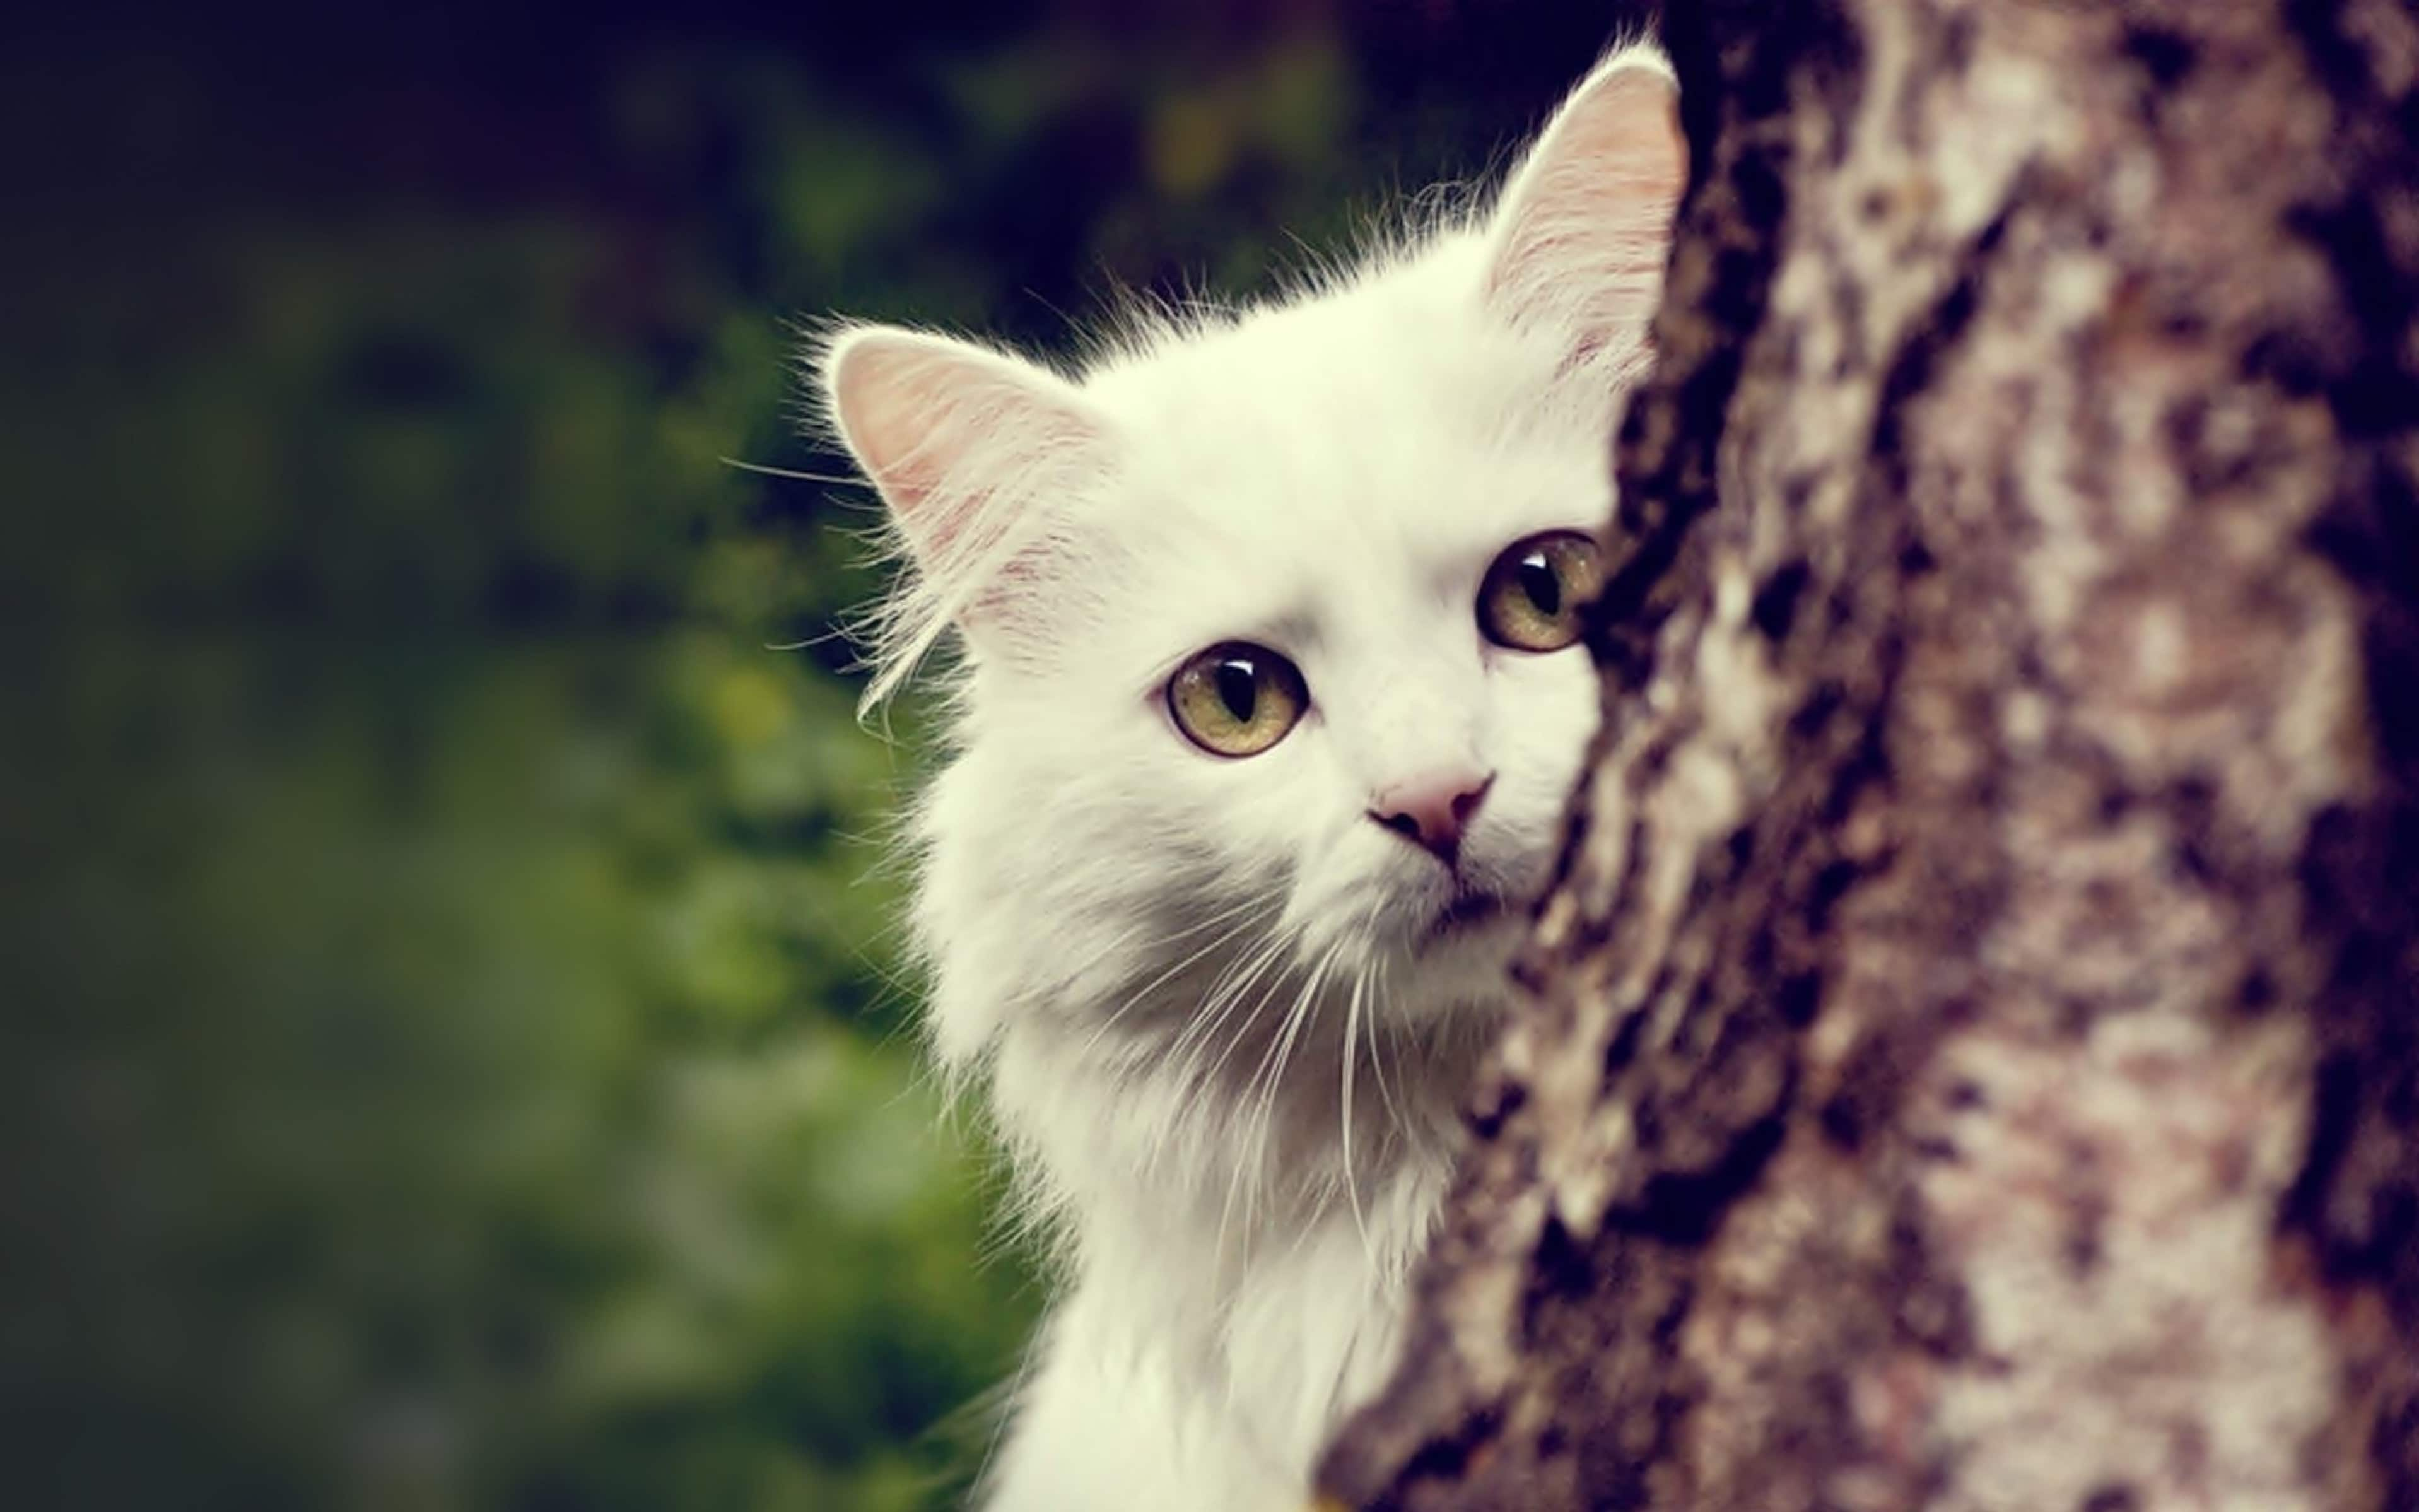 Почему кошки лазают по деревьям, а собаки нет?